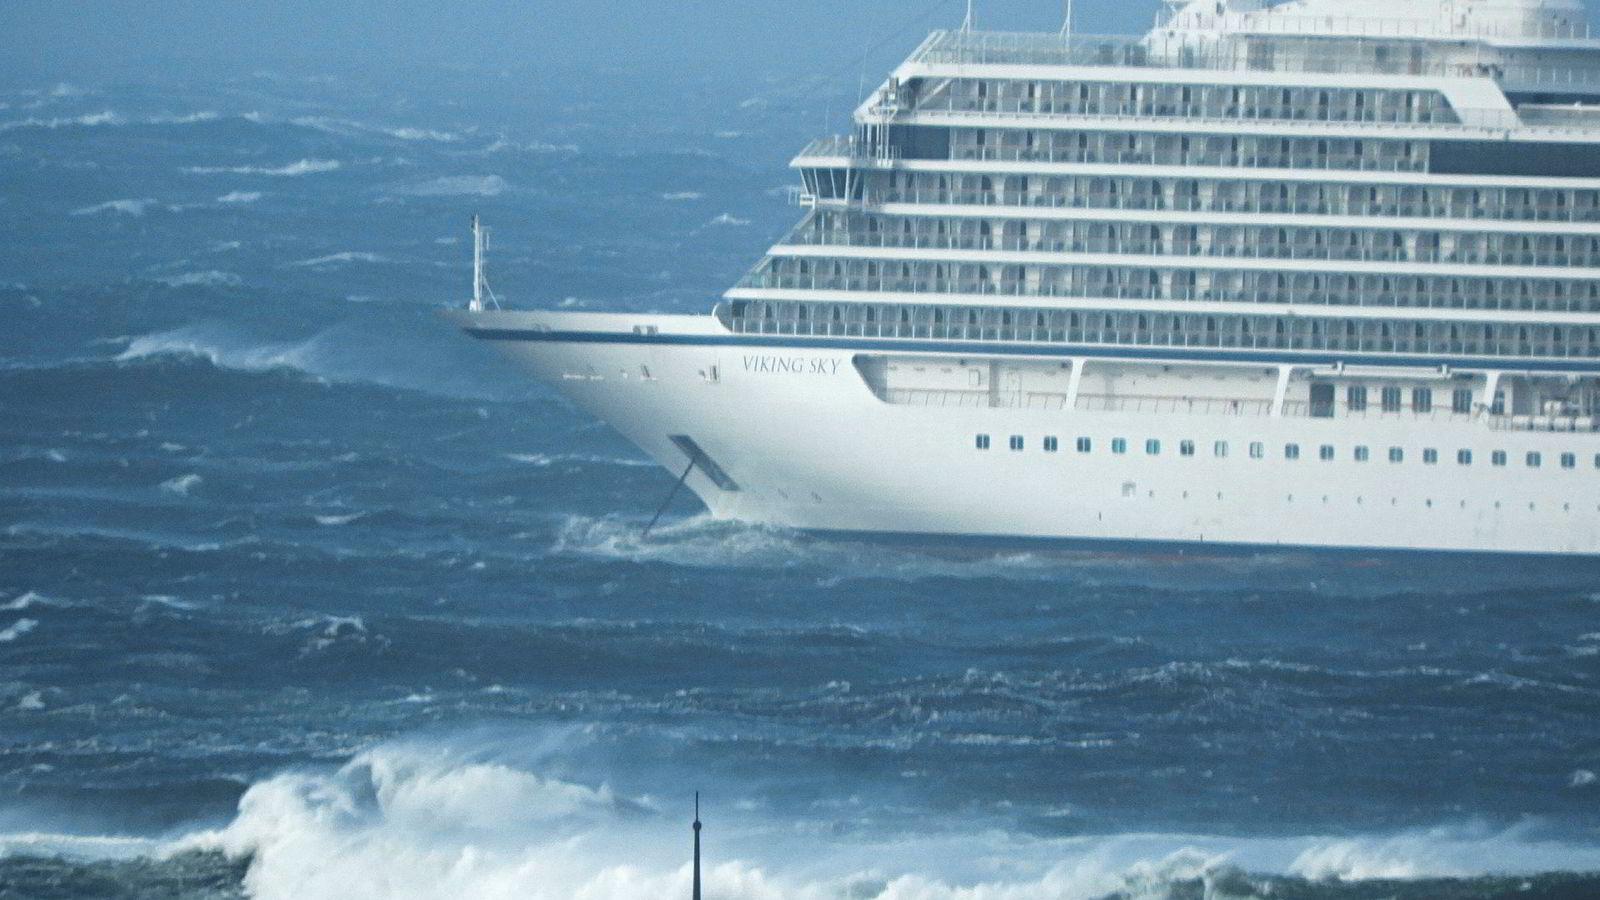 De samfunnssikkerhetsmessige og beredskapsmessige utfordringer med at større cruiseskip beveger seg langs norskekysten og opp i sterkt ugjestmilde farvann utenfor Nord-Norge og Svalbard er etter vår mening så alvorlige at det må utredes. Her cruiseskipet «Viking Sky» som driver mot land etter problemer med maskinstans.